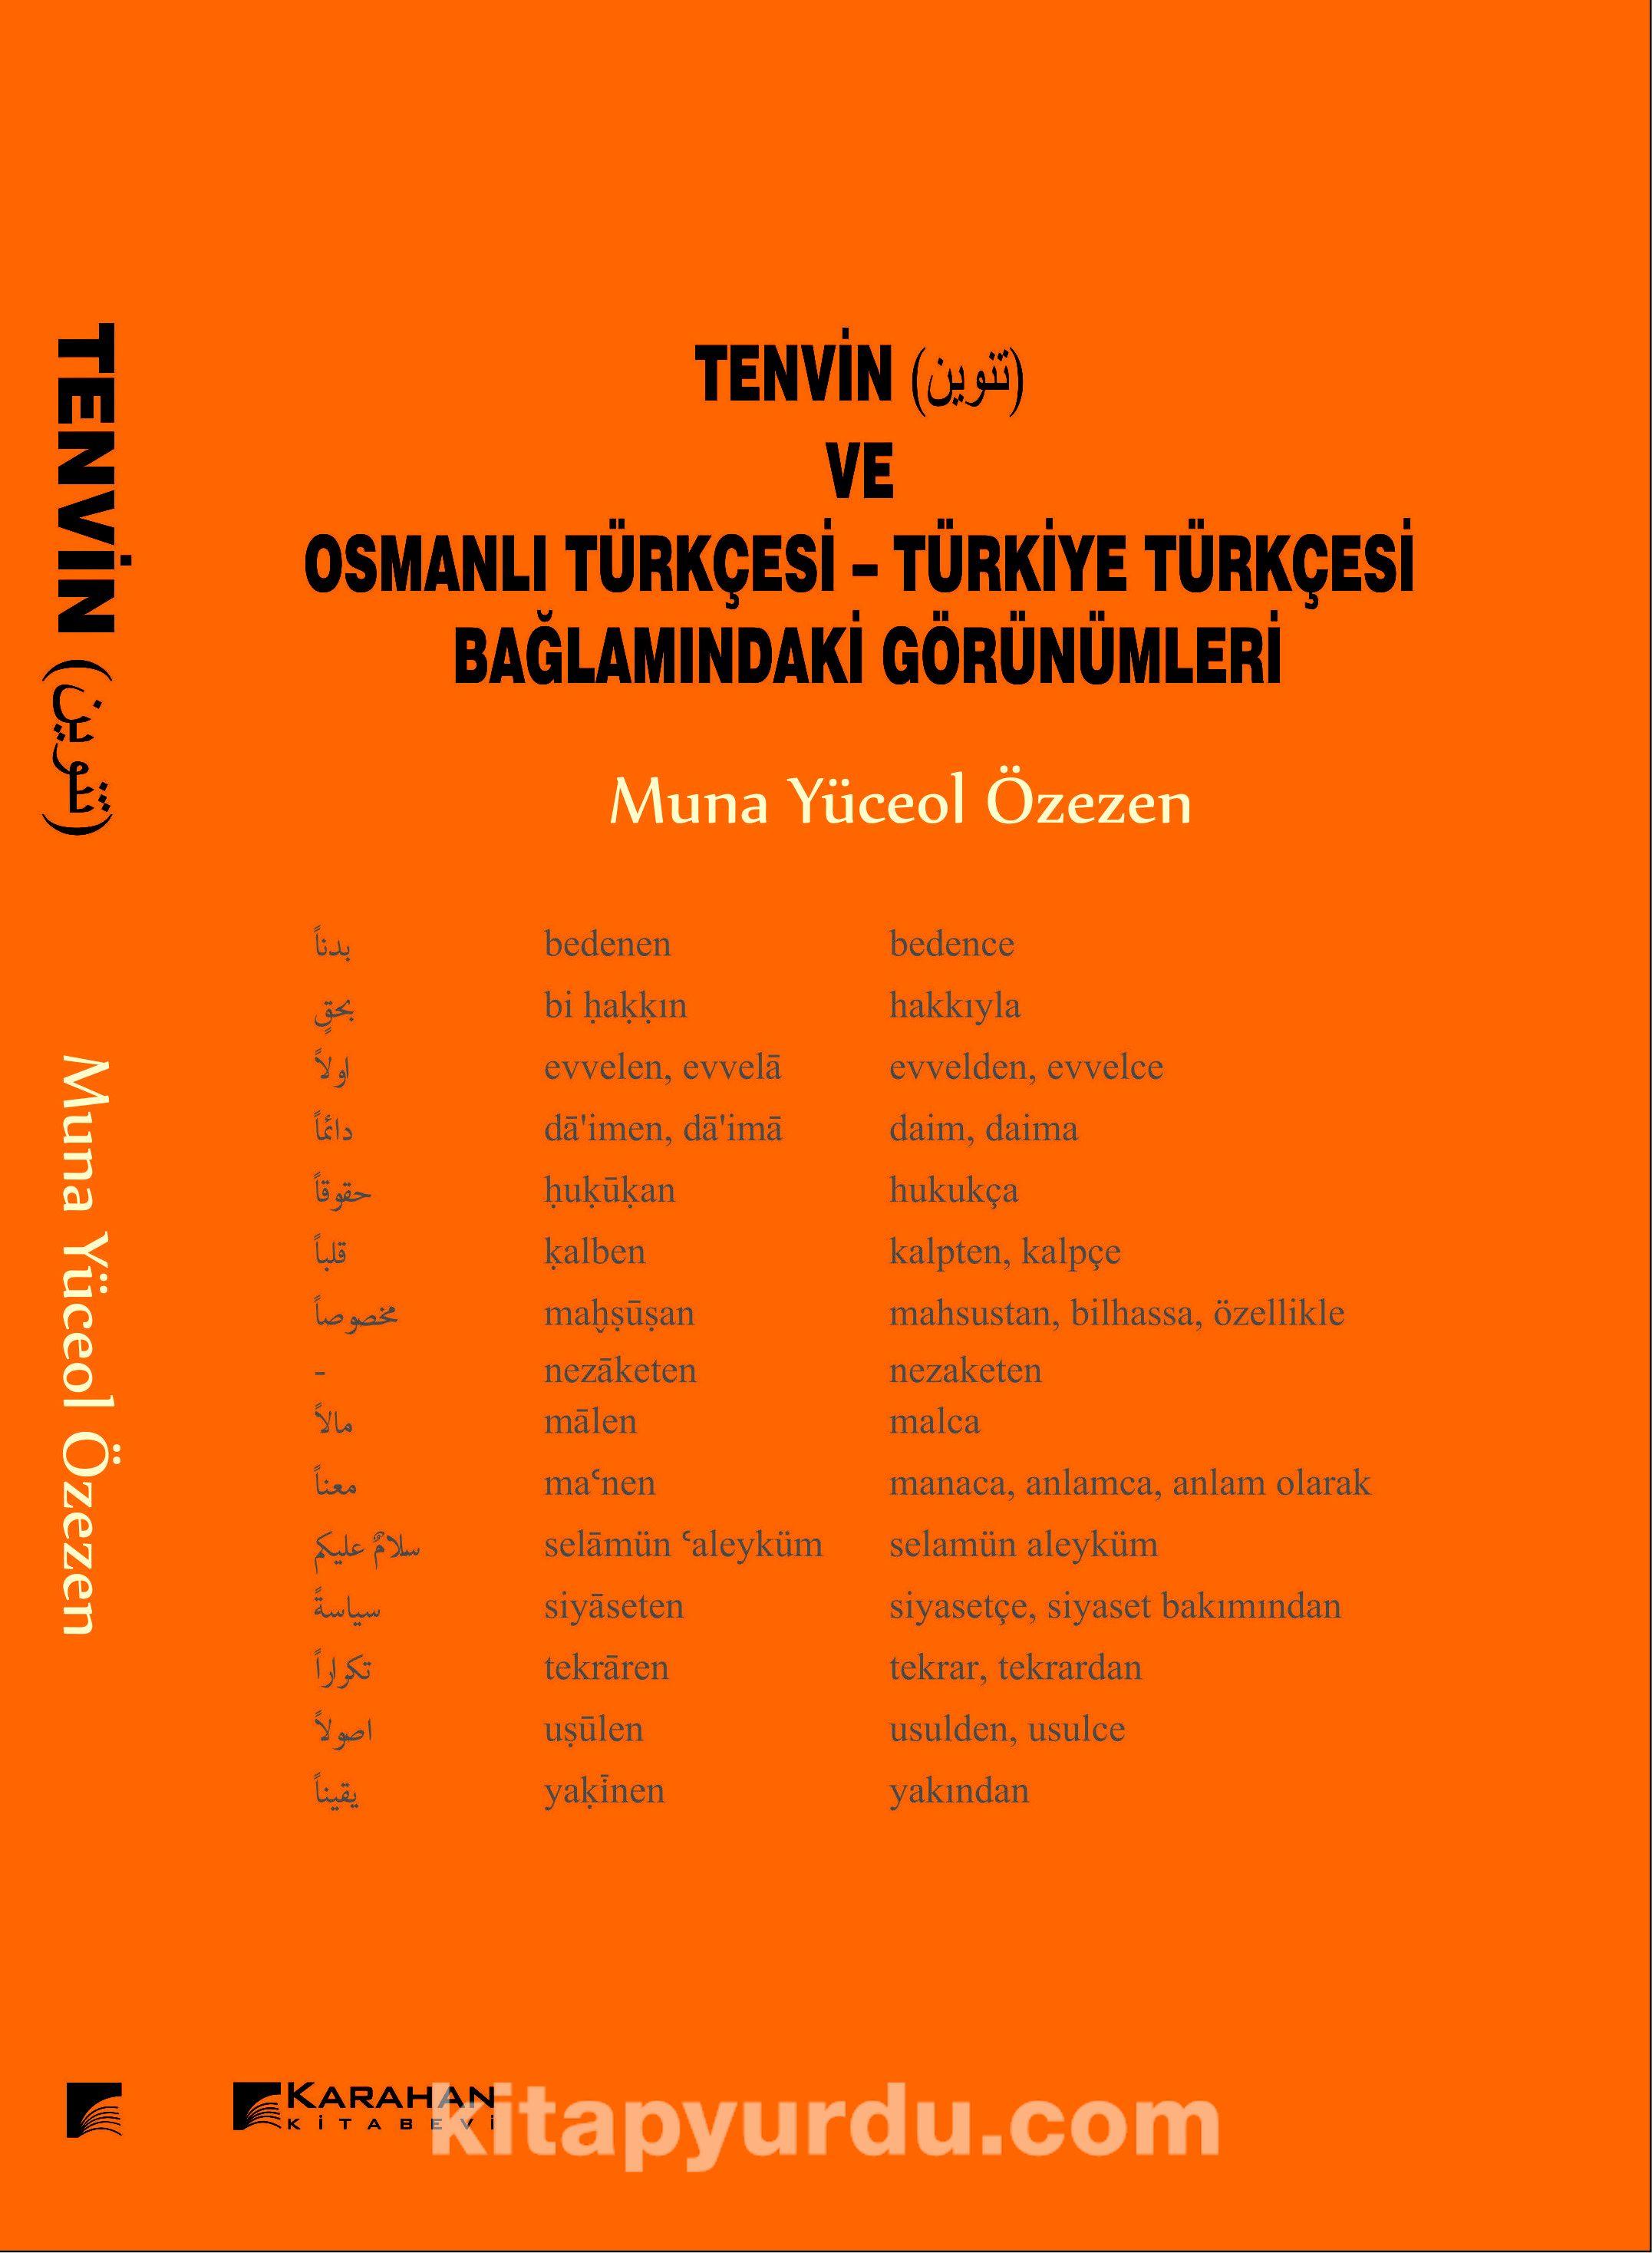 Tenvin ve Osmanlı Türkçesi-Türkiye Türkçesi Bağlamındaki Görünümleri - Muna Yüceol Özezen pdf epub